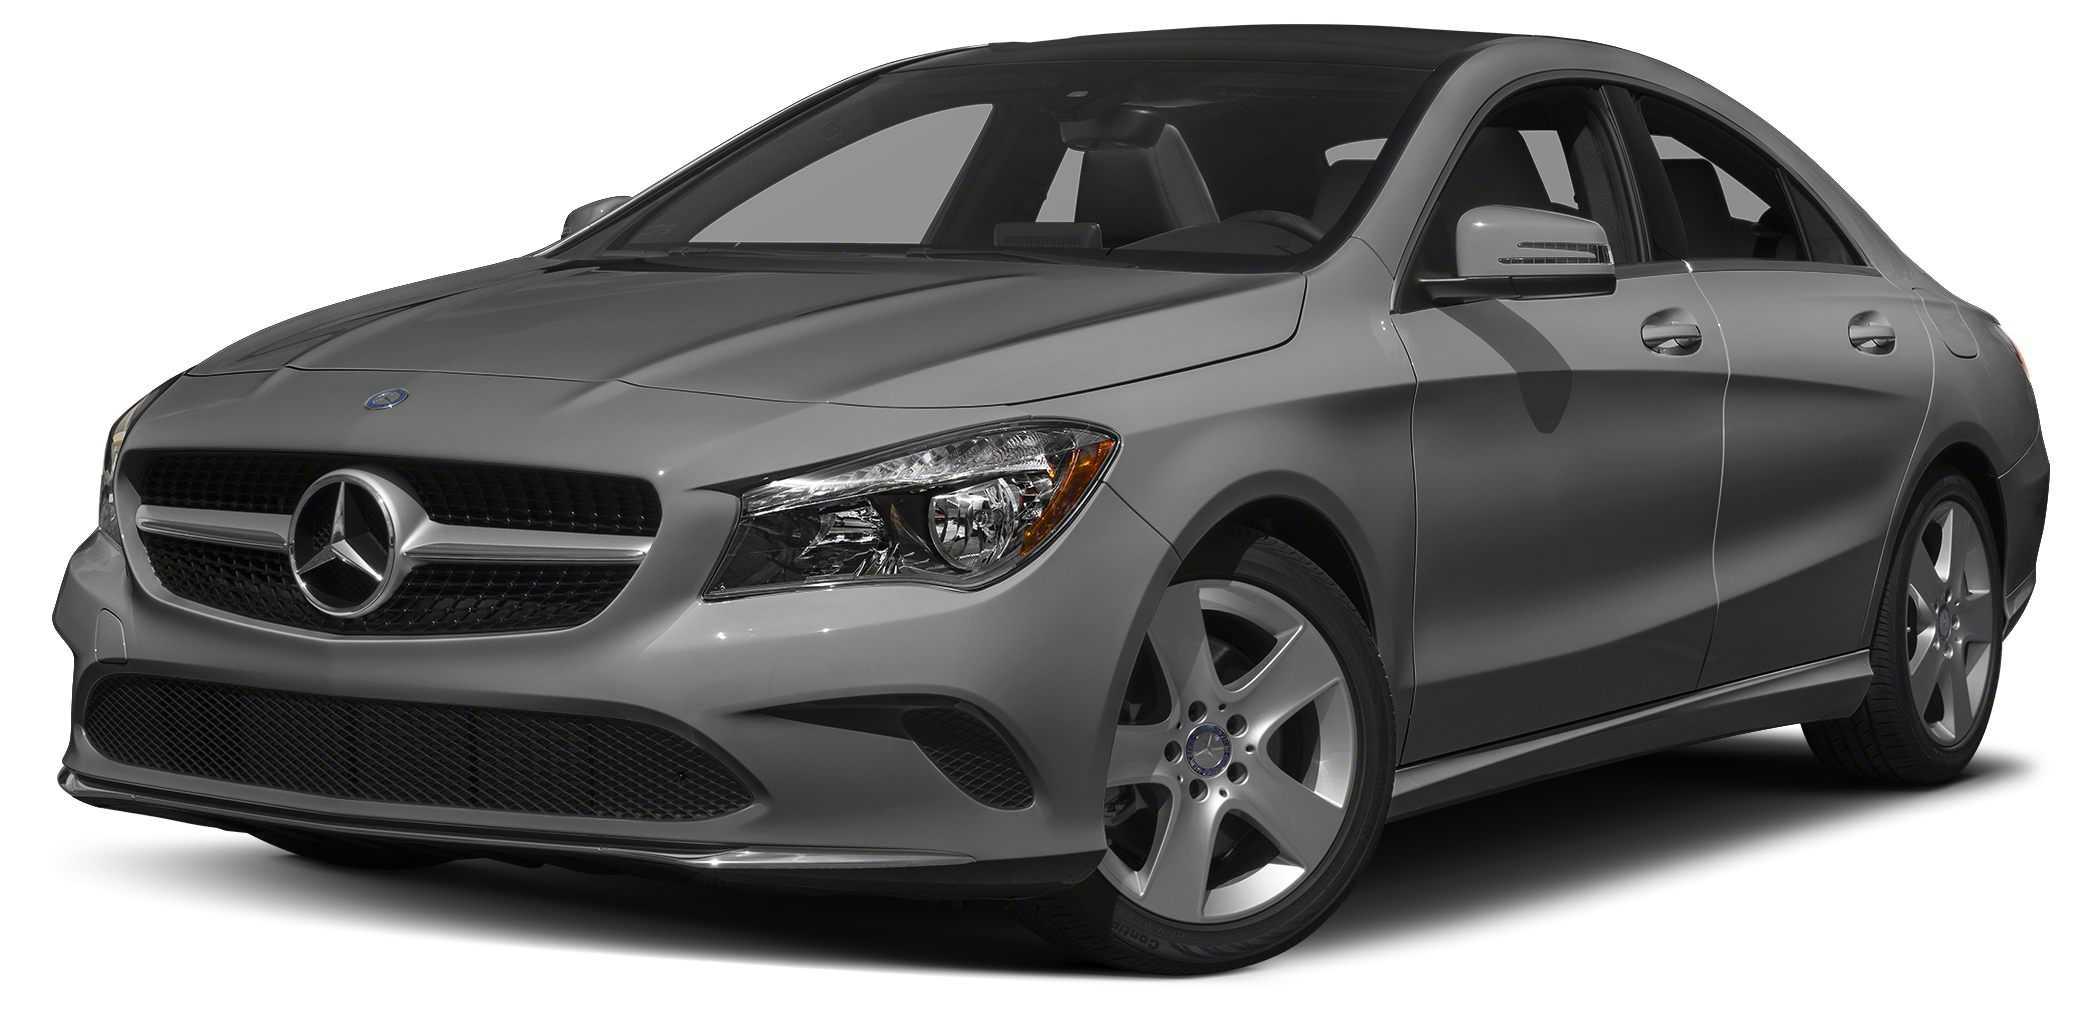 2017 mercedes benz cla 250 for sale in wilmington de for Mercedes benz of wilmington wilmington de